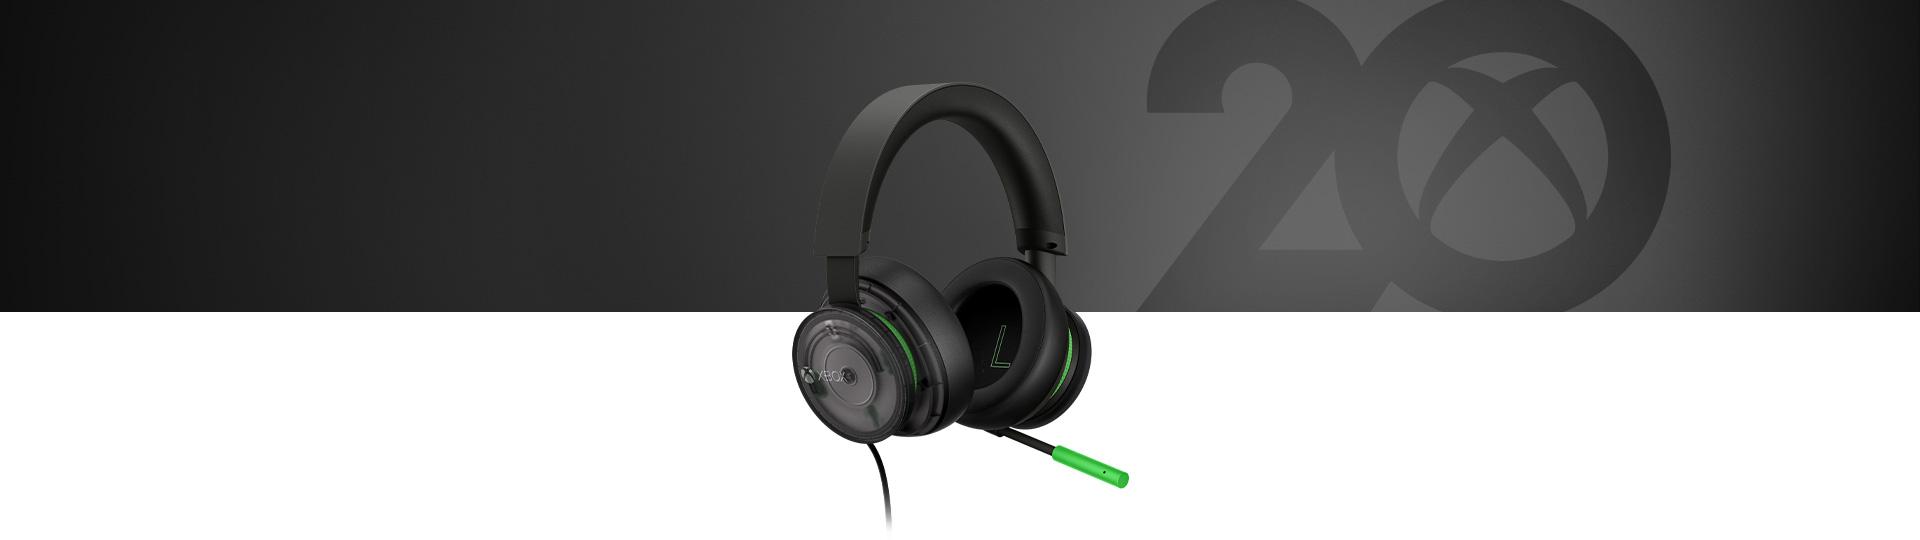 20th Anniversary Special Edition kiadású Xbox sztereó headset a headset közeli képével a háttérben